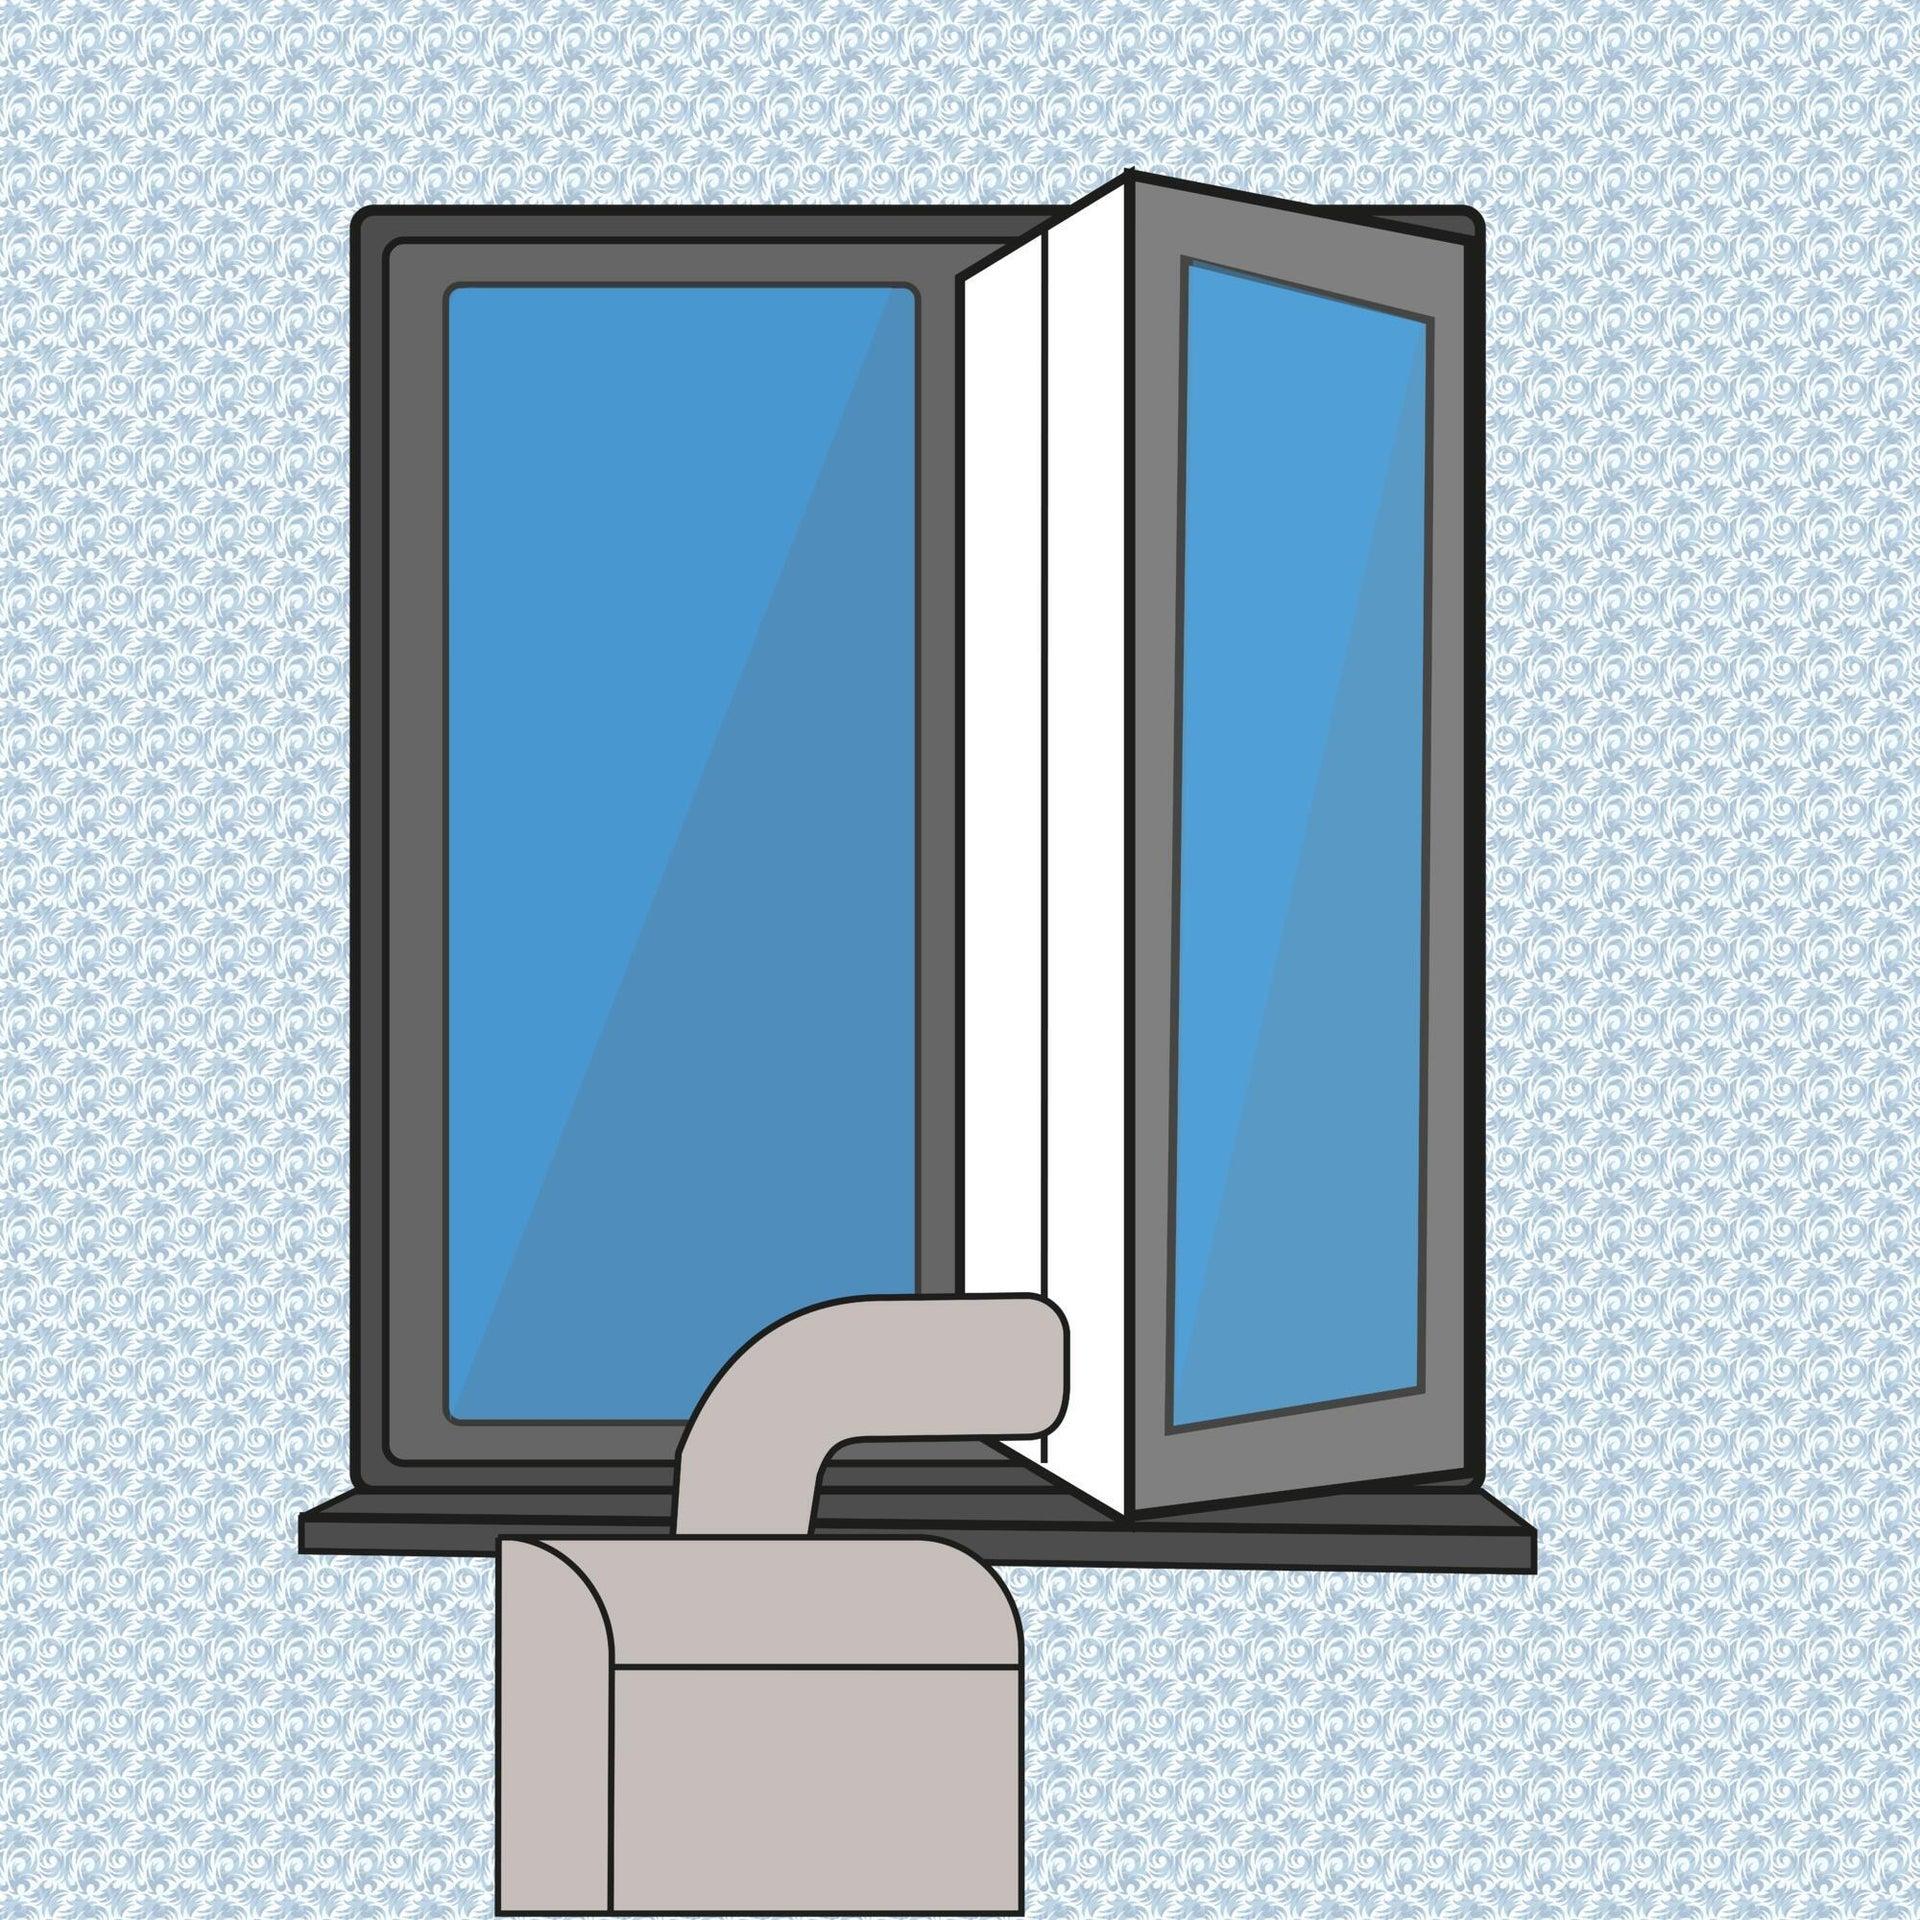 Guarnizione in schiuma EQUATION per condizionatore portatile - 3